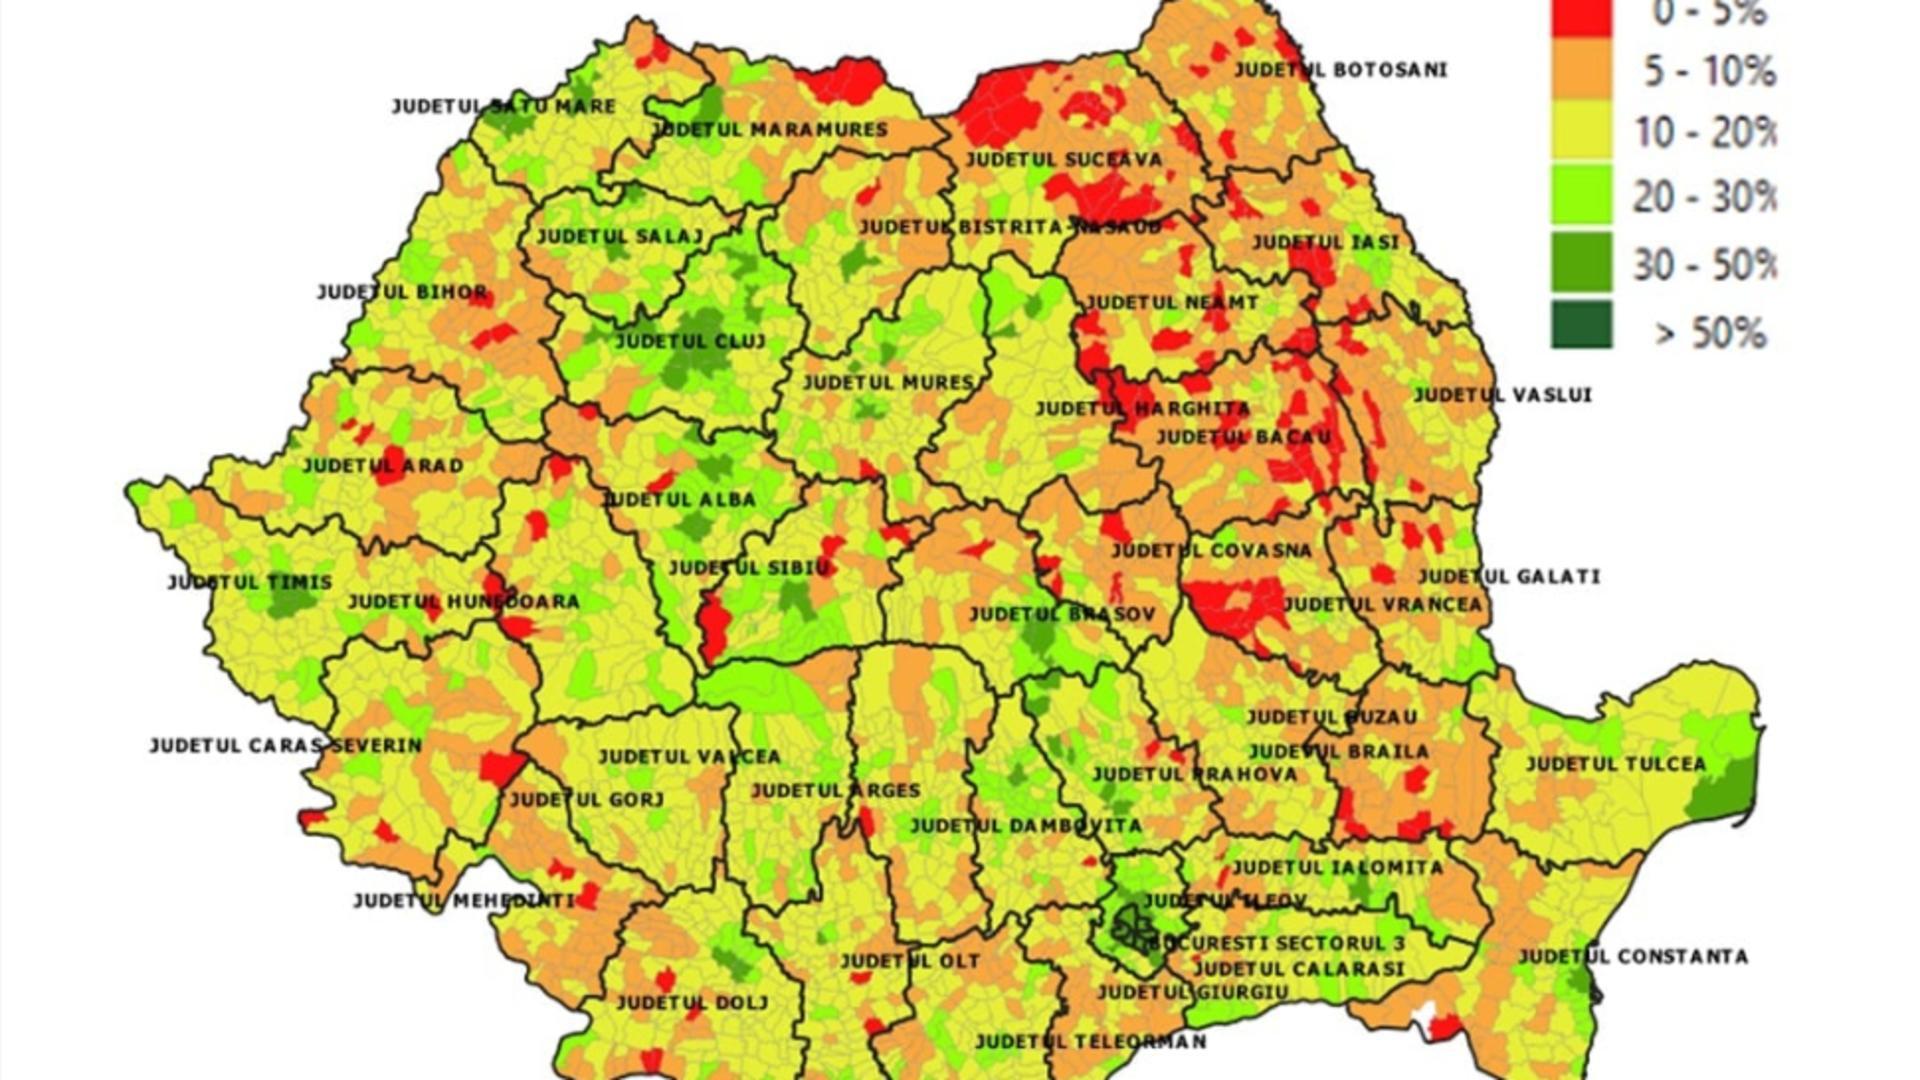 Situația vaccinării în România pe localități (5 iulie) / Foto: Facebook RoVaccinare